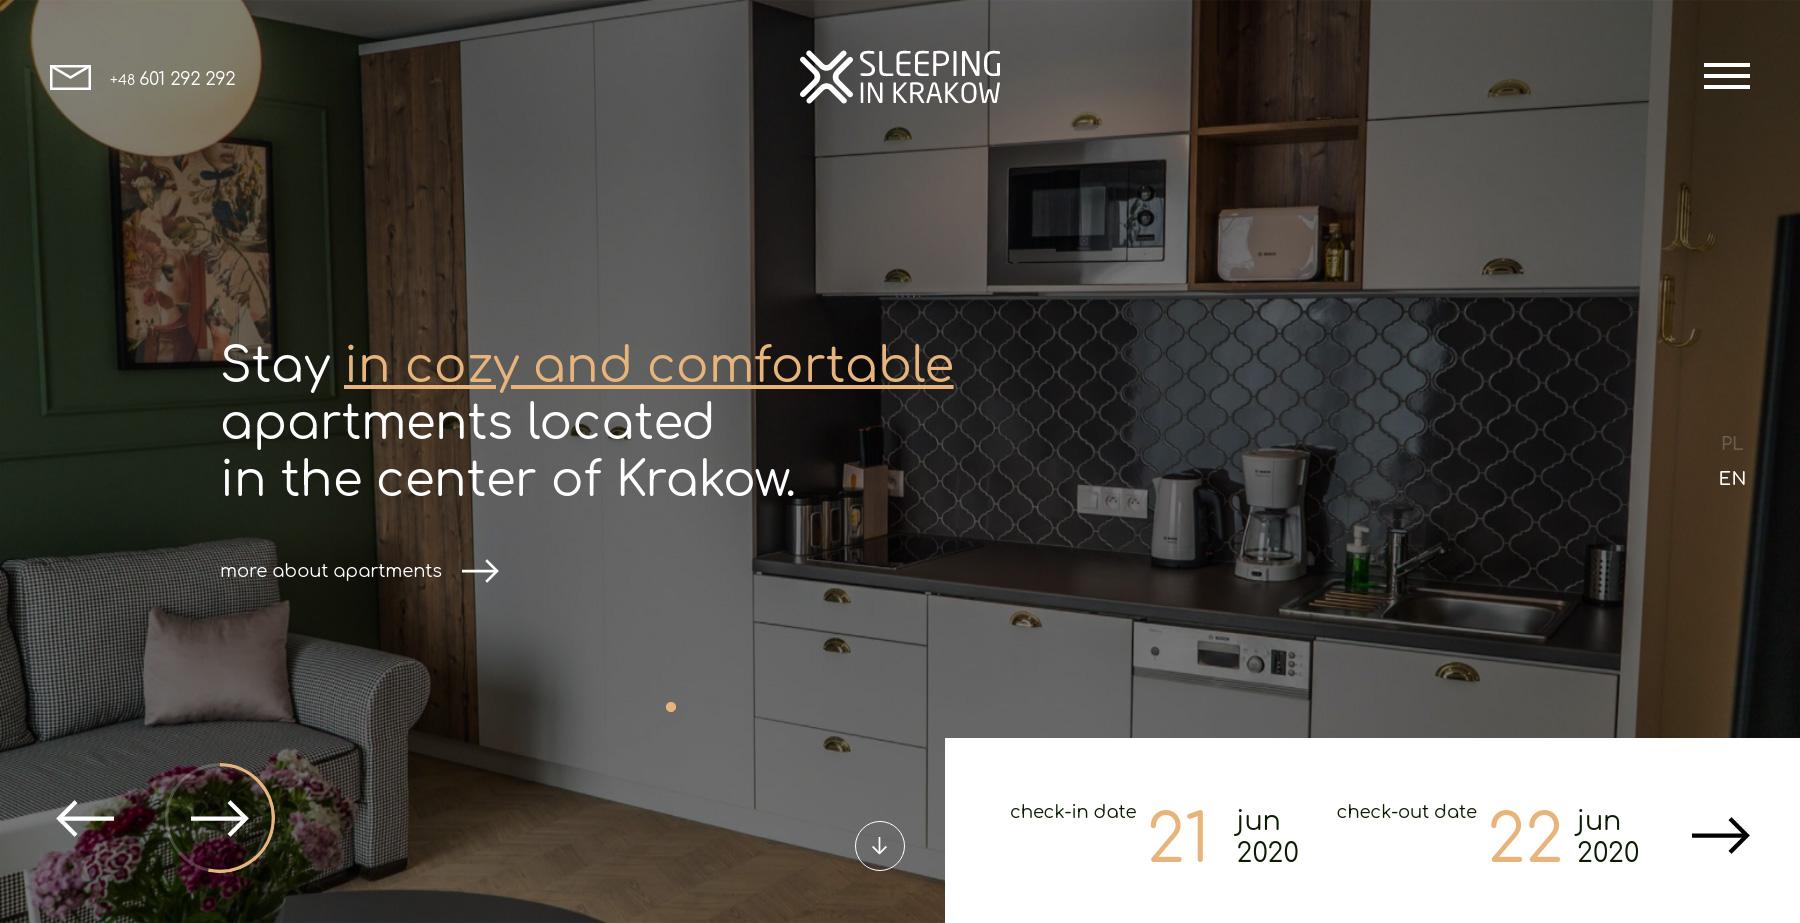 Sleeping in Krakow - Website of the Day